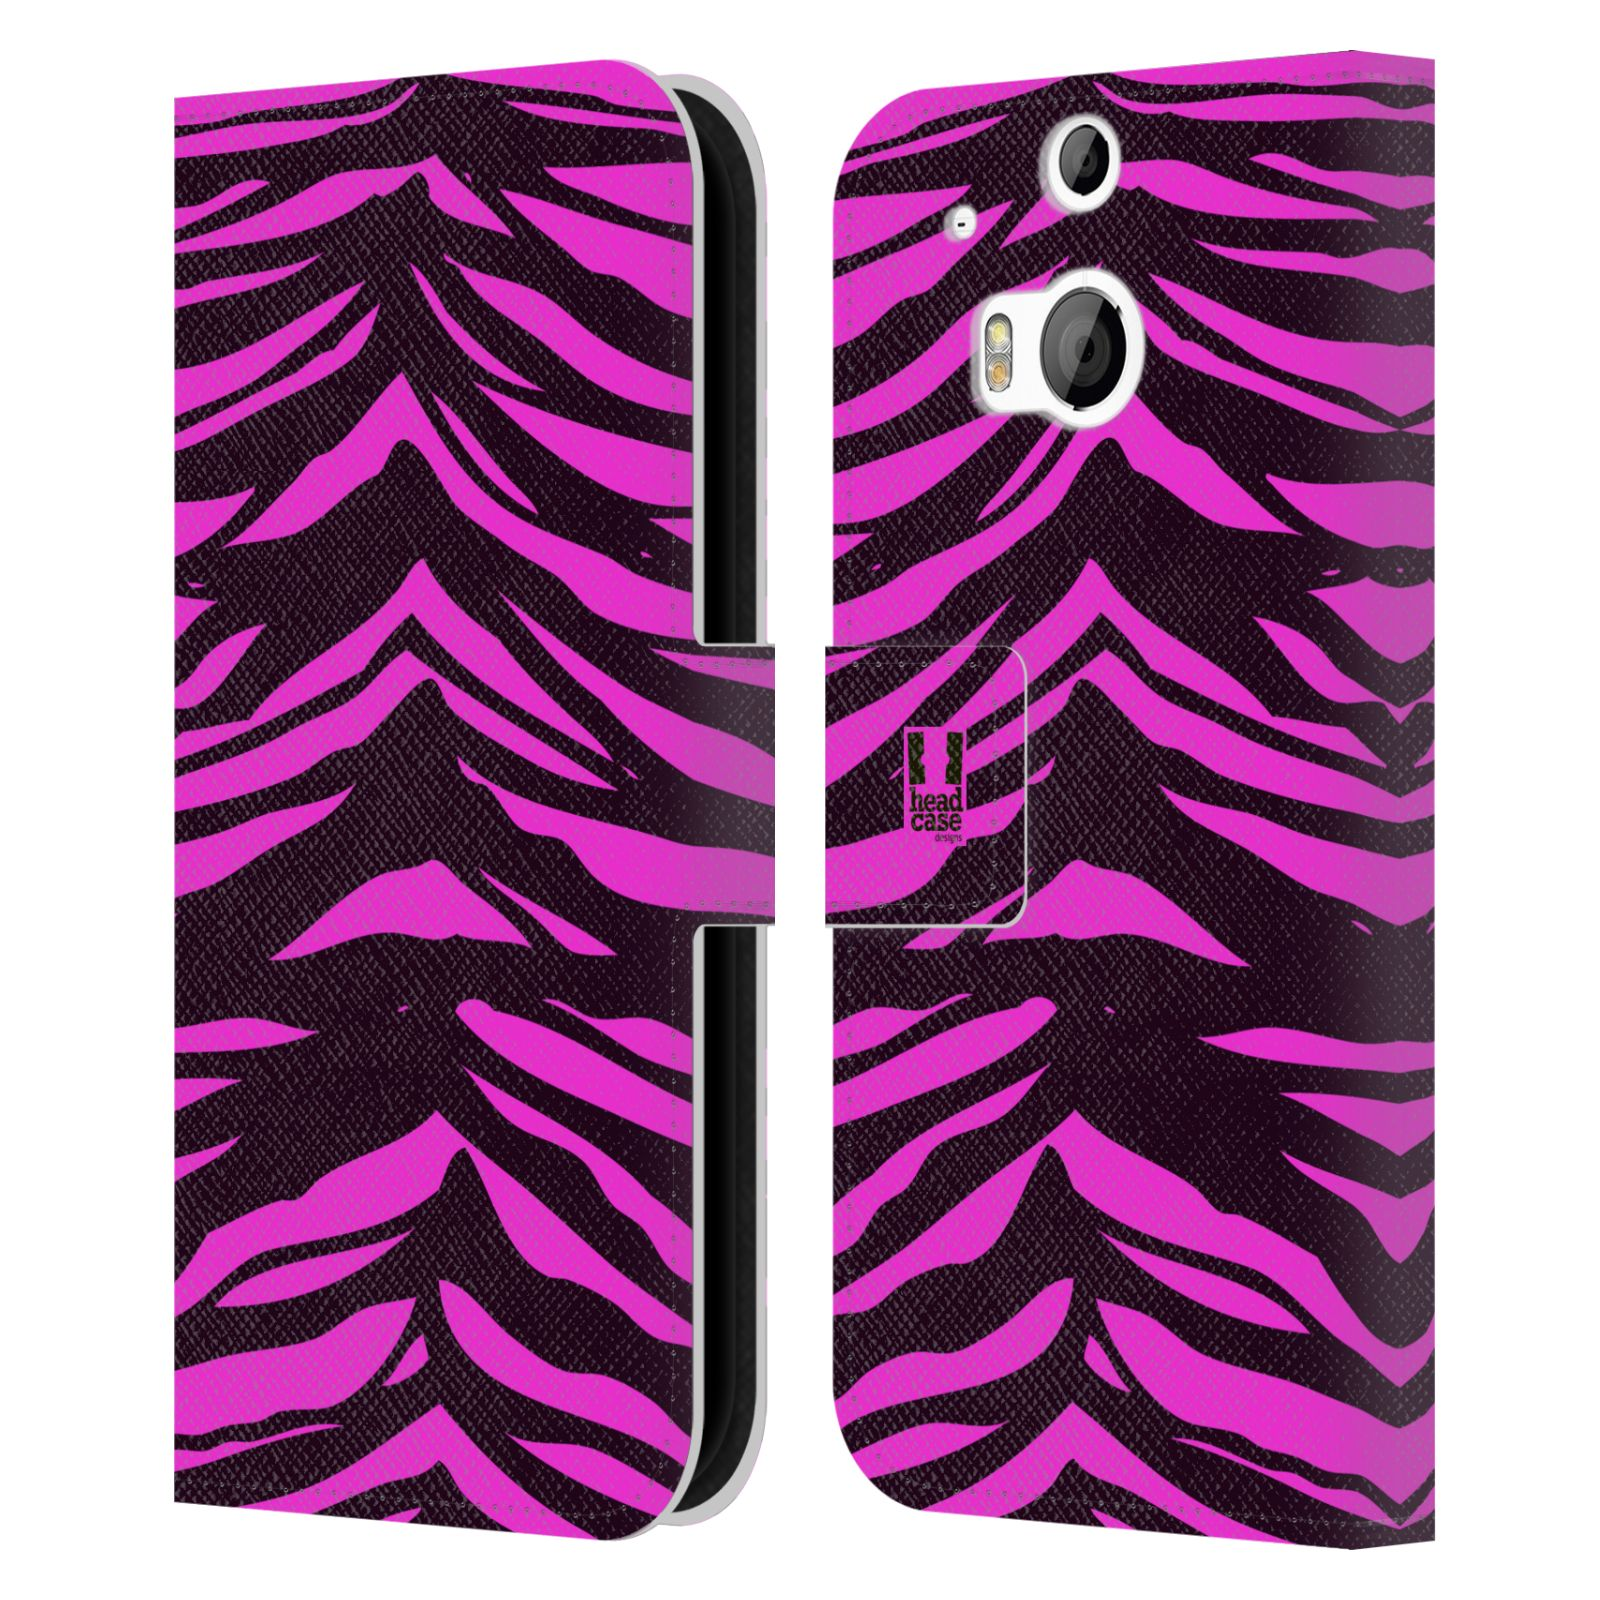 HEAD CASE Flipové pouzdro pro mobil HTC ONE (M8, M8s) Zvířecí barevné vzory fialová tygr